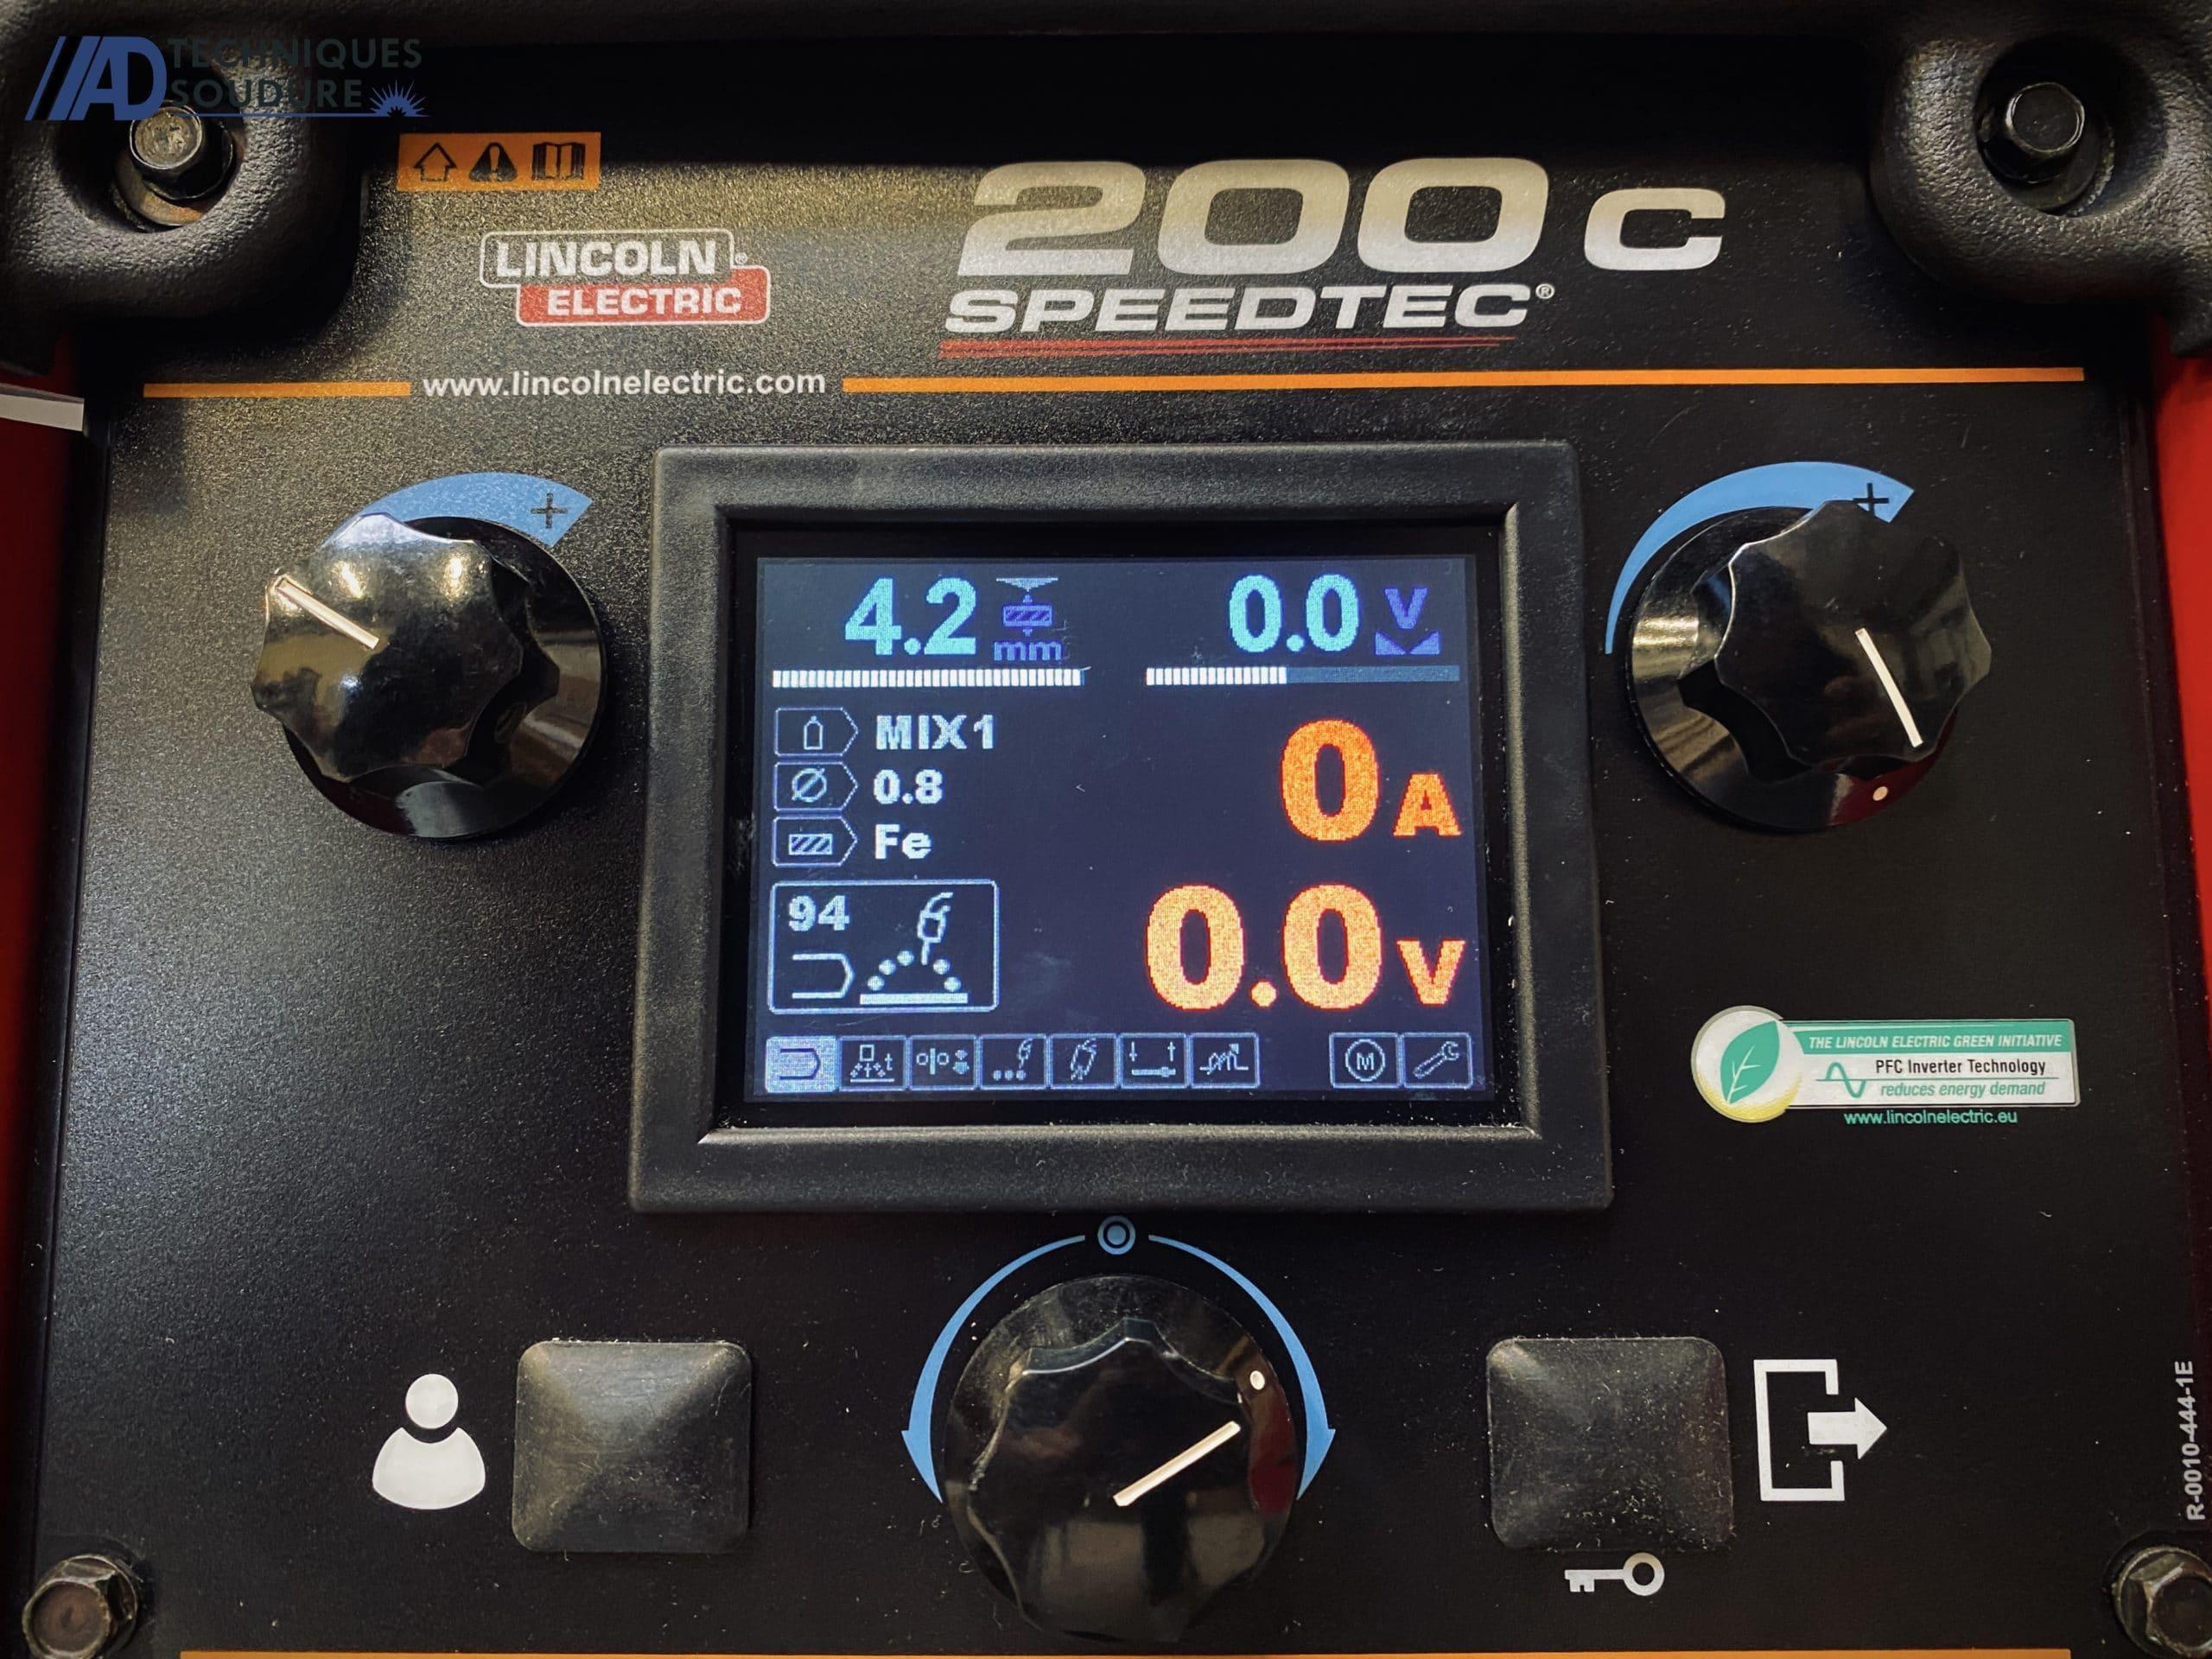 Poste à souder MIG/MAG Speedtec 200C Lincoln Electric monophasé